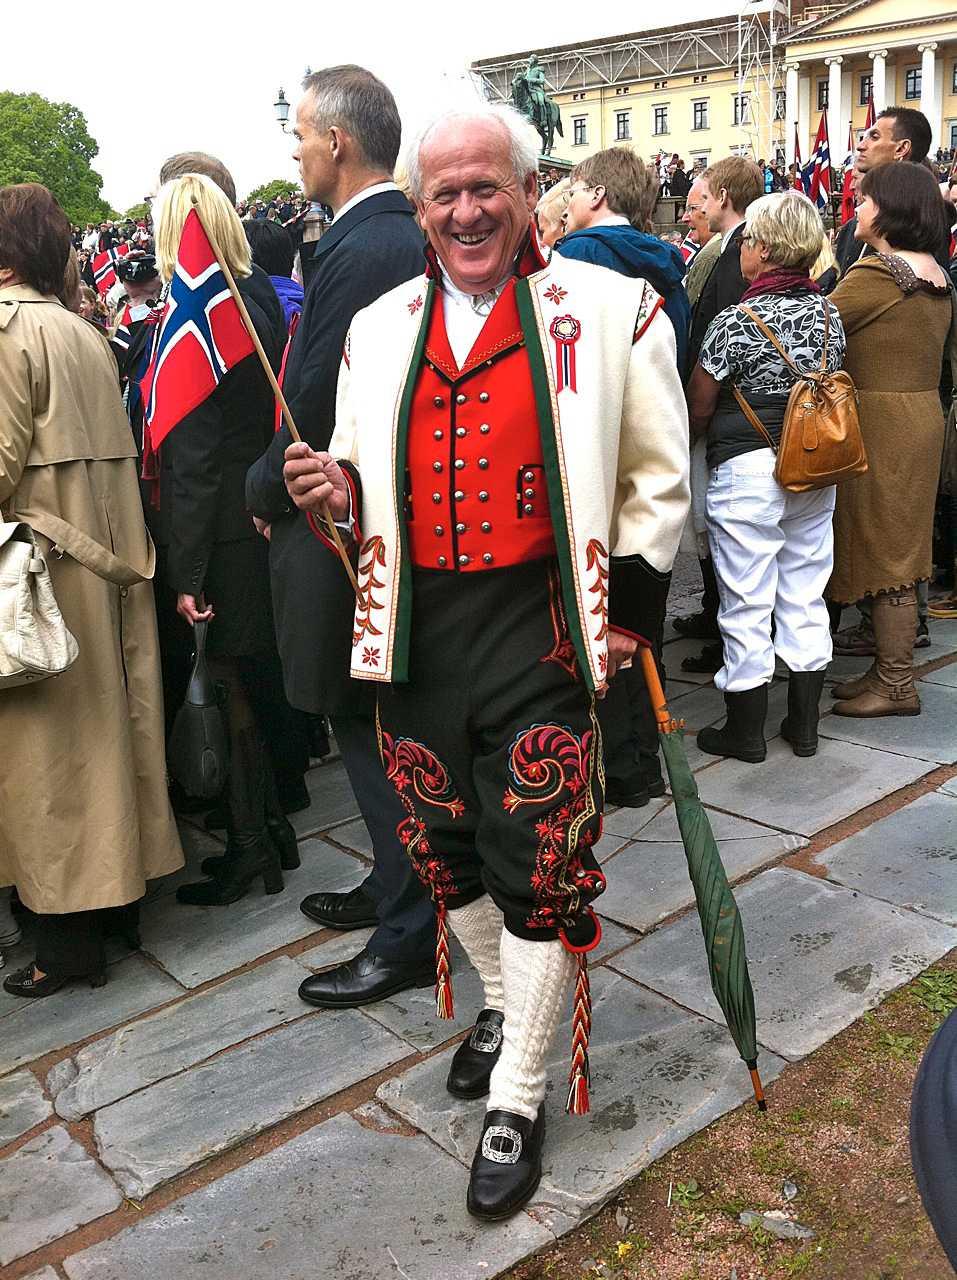 """Bröllopsstassen Stein Smith, 67, sydde upp sin kostym inför sitt bröllop för många, många år sedan. """"Sedan dess använder jag den till bröllop, konfirmationer, dop och sjuttonde maj. Du måste hälsa Sverige från mig att jag älskar er!"""""""